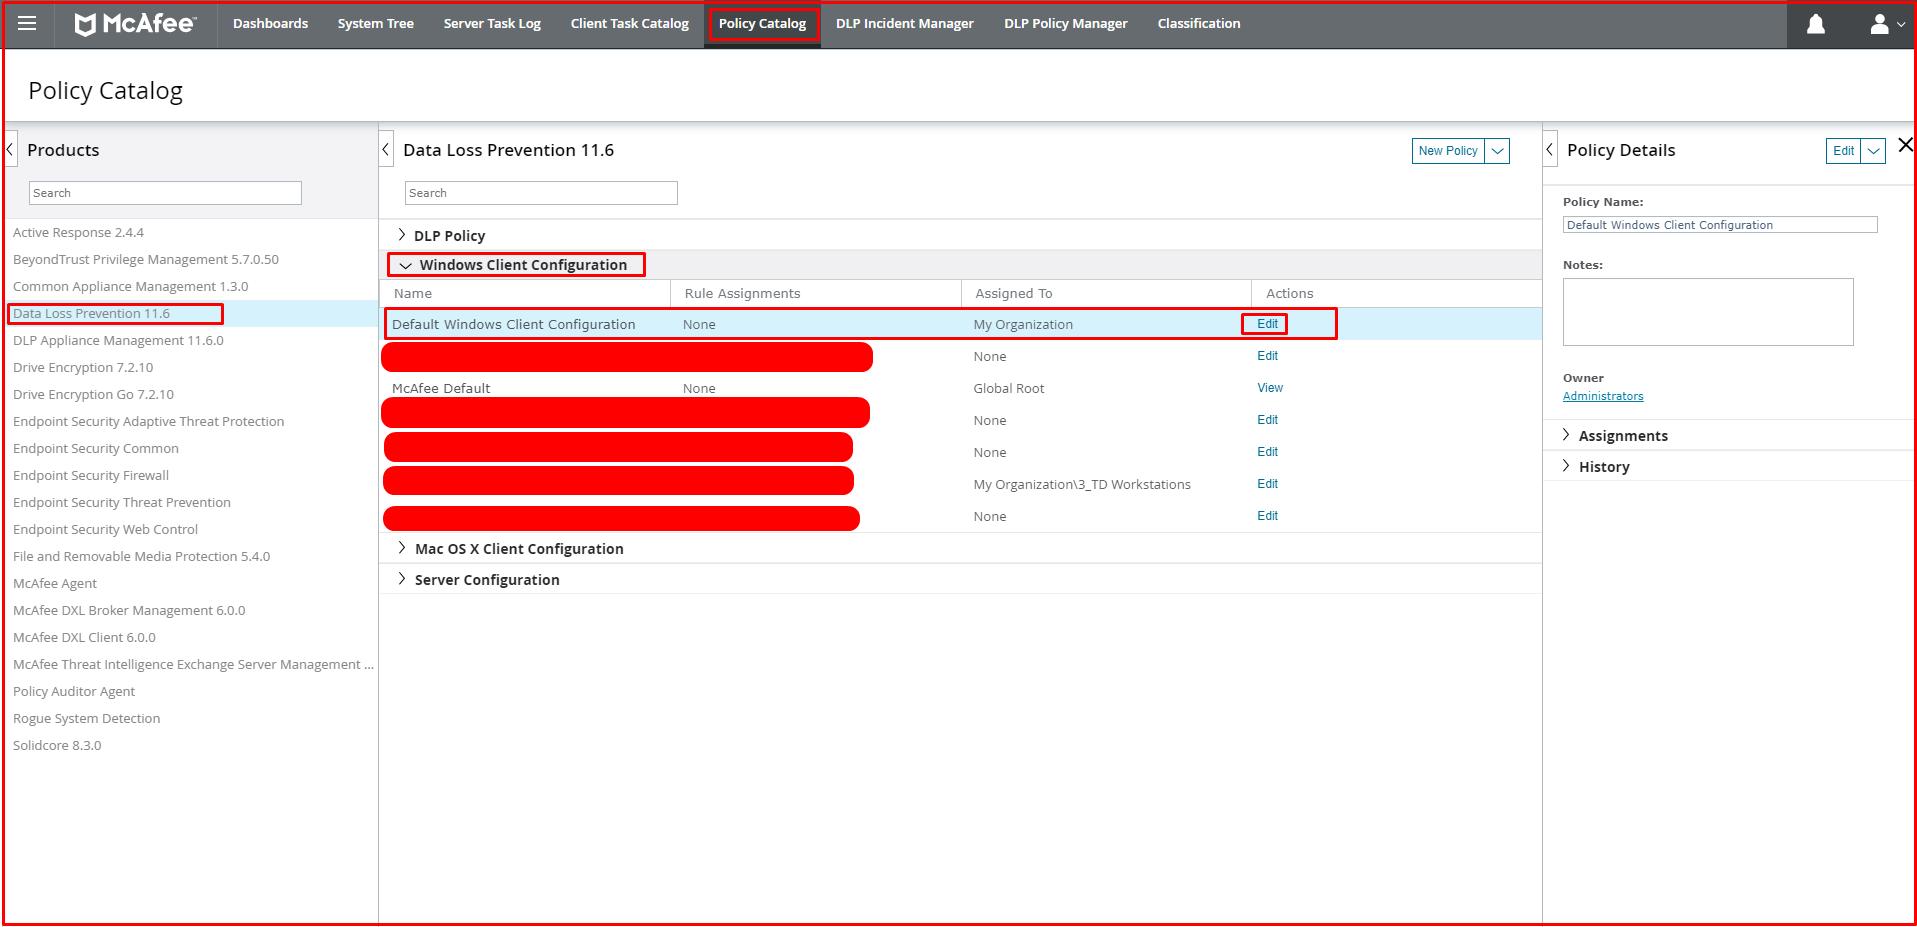 Default Windows Client Configuration